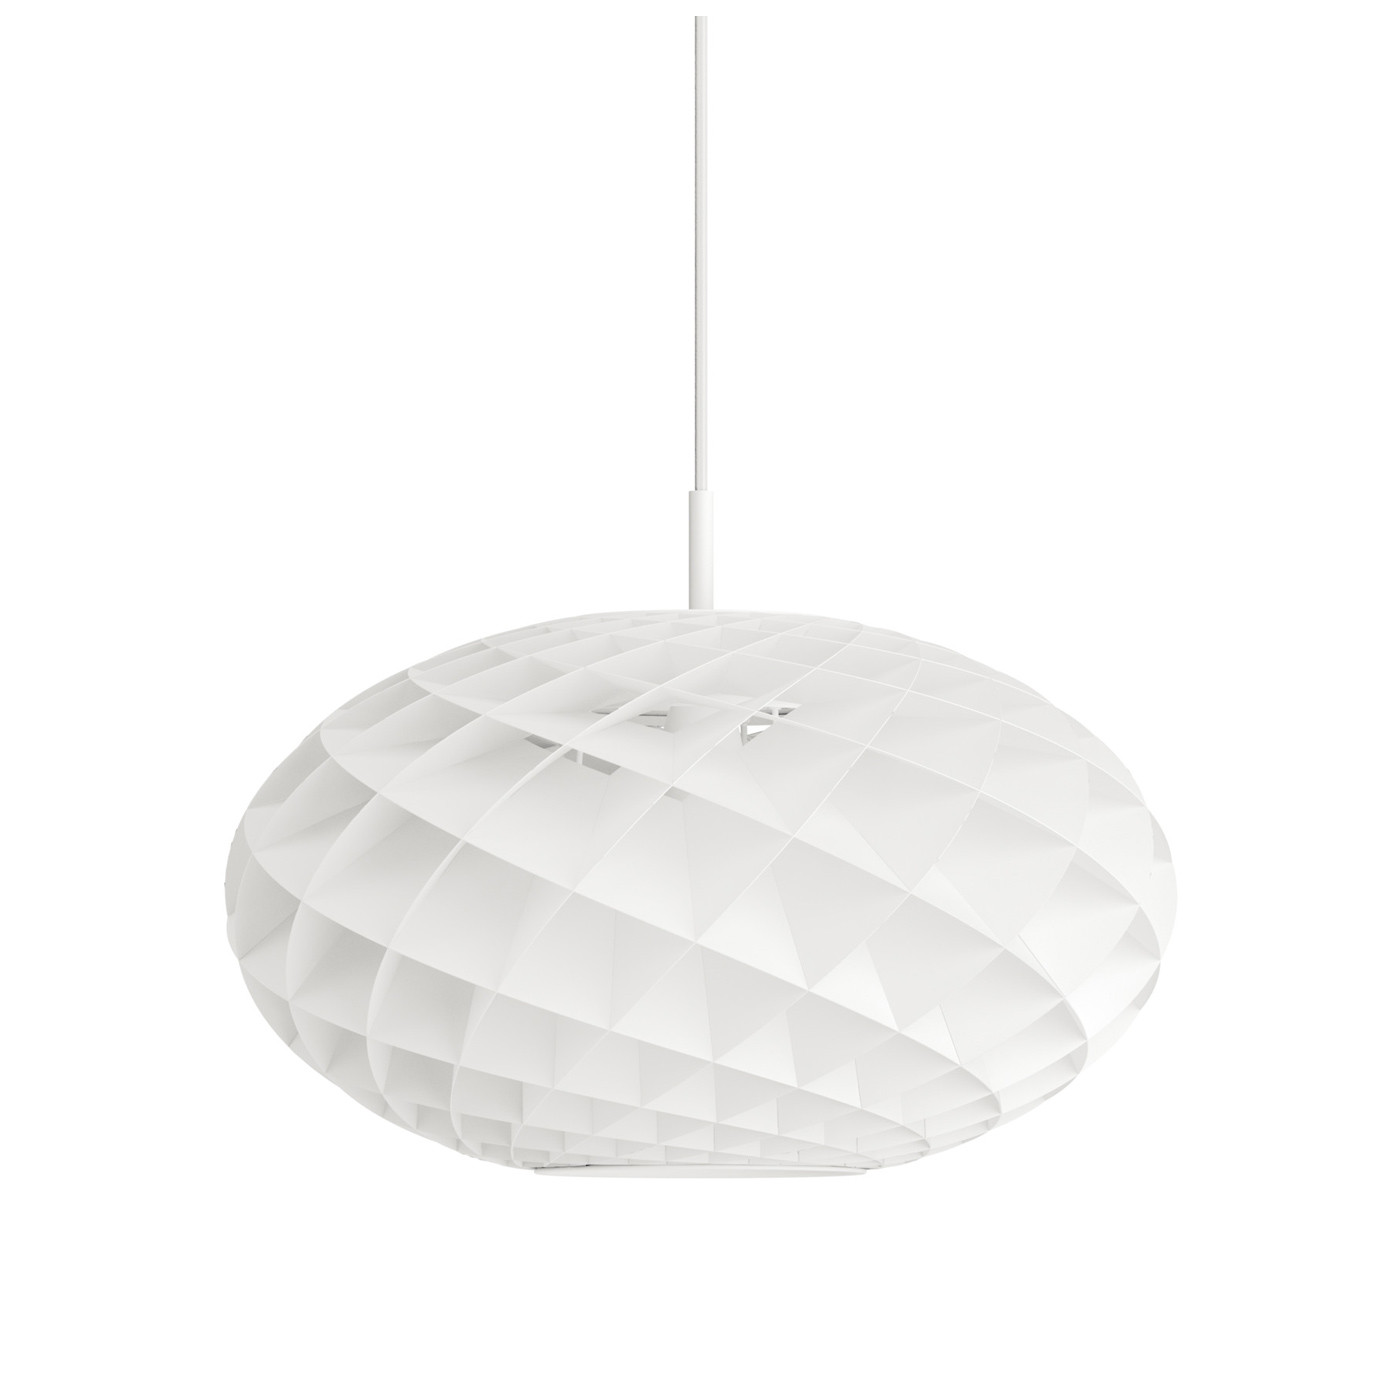 Louis Poulsen Patera Oval LED